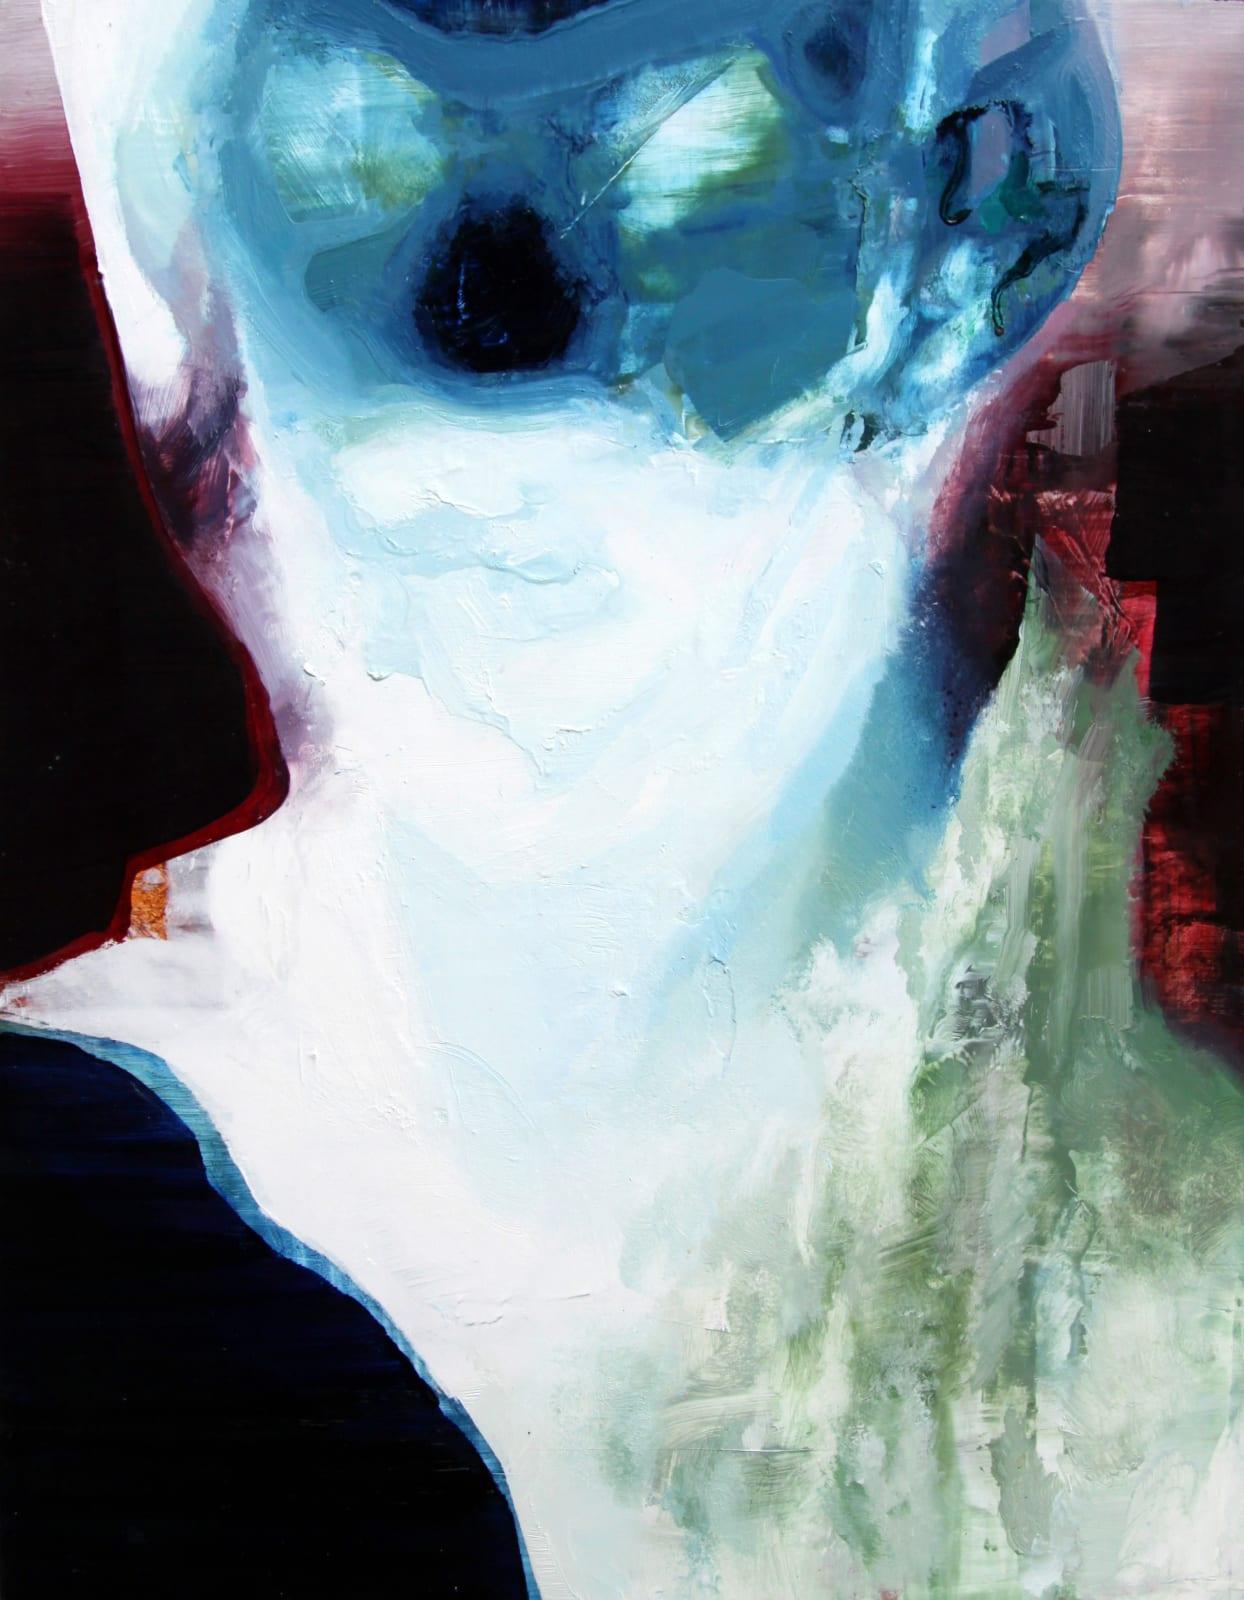 Cian McLoughlin Tronie - Invert head Oil on canvas 18 x 14 inches